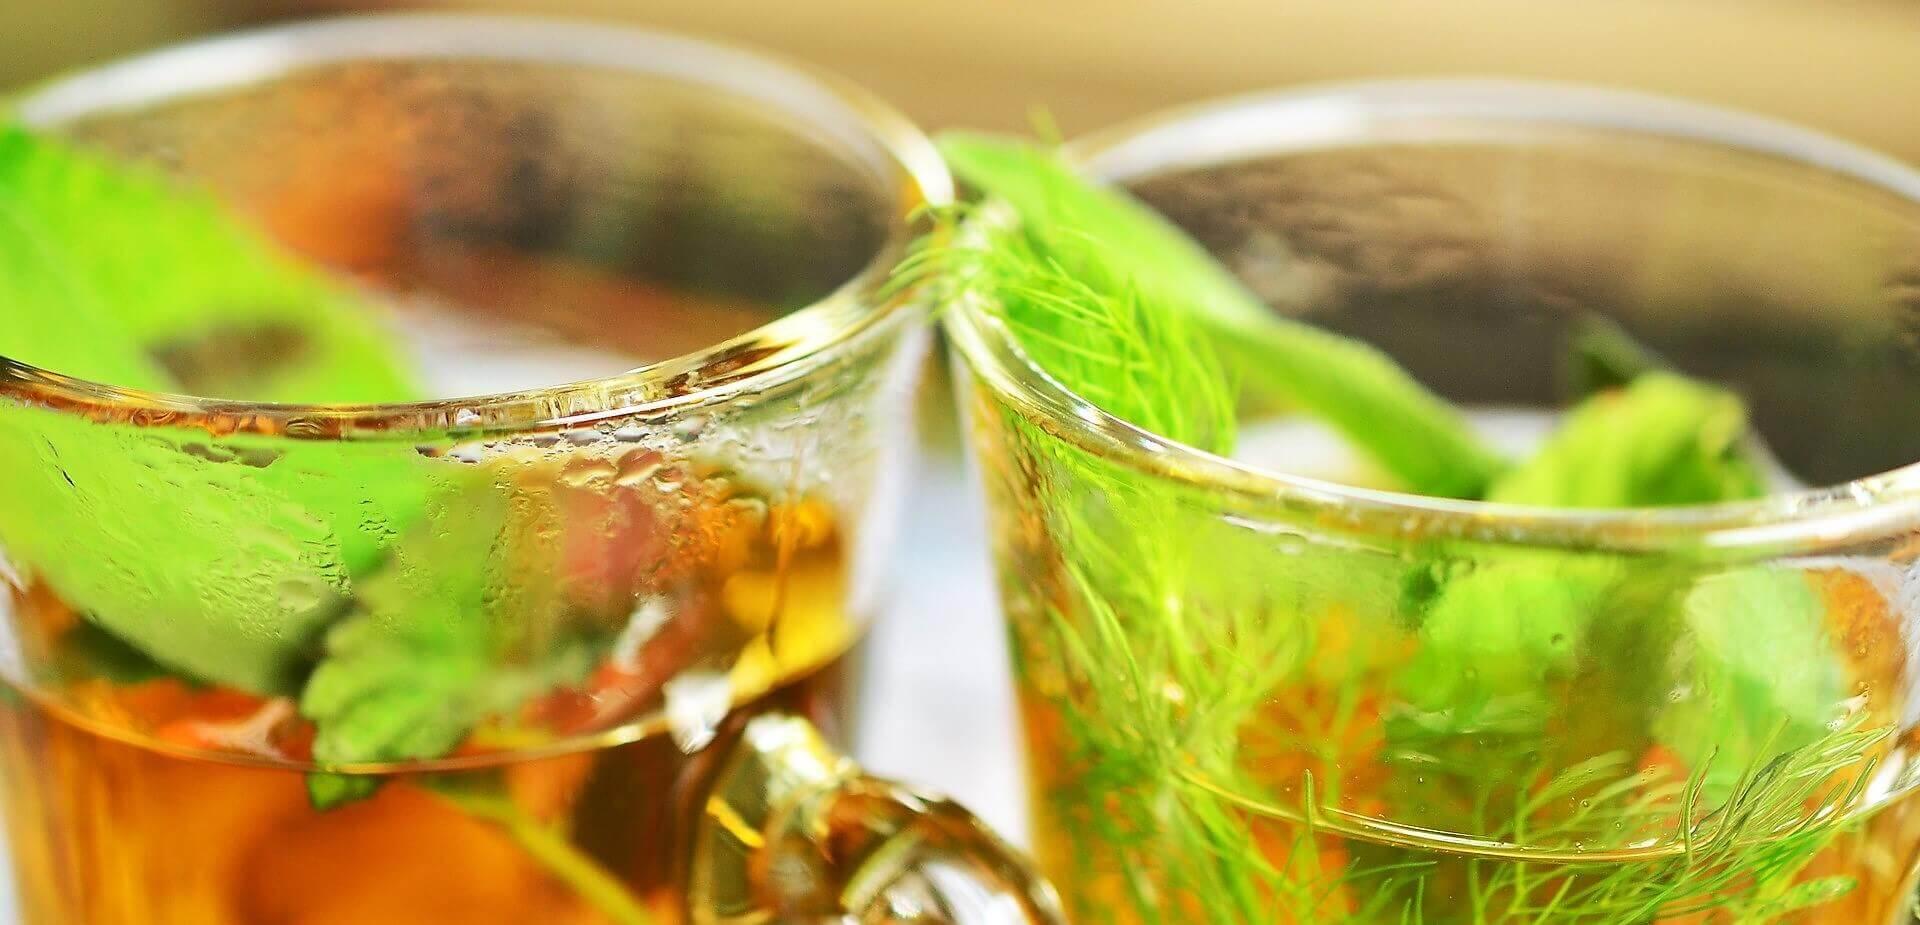 vente en ligne plante pour infusion